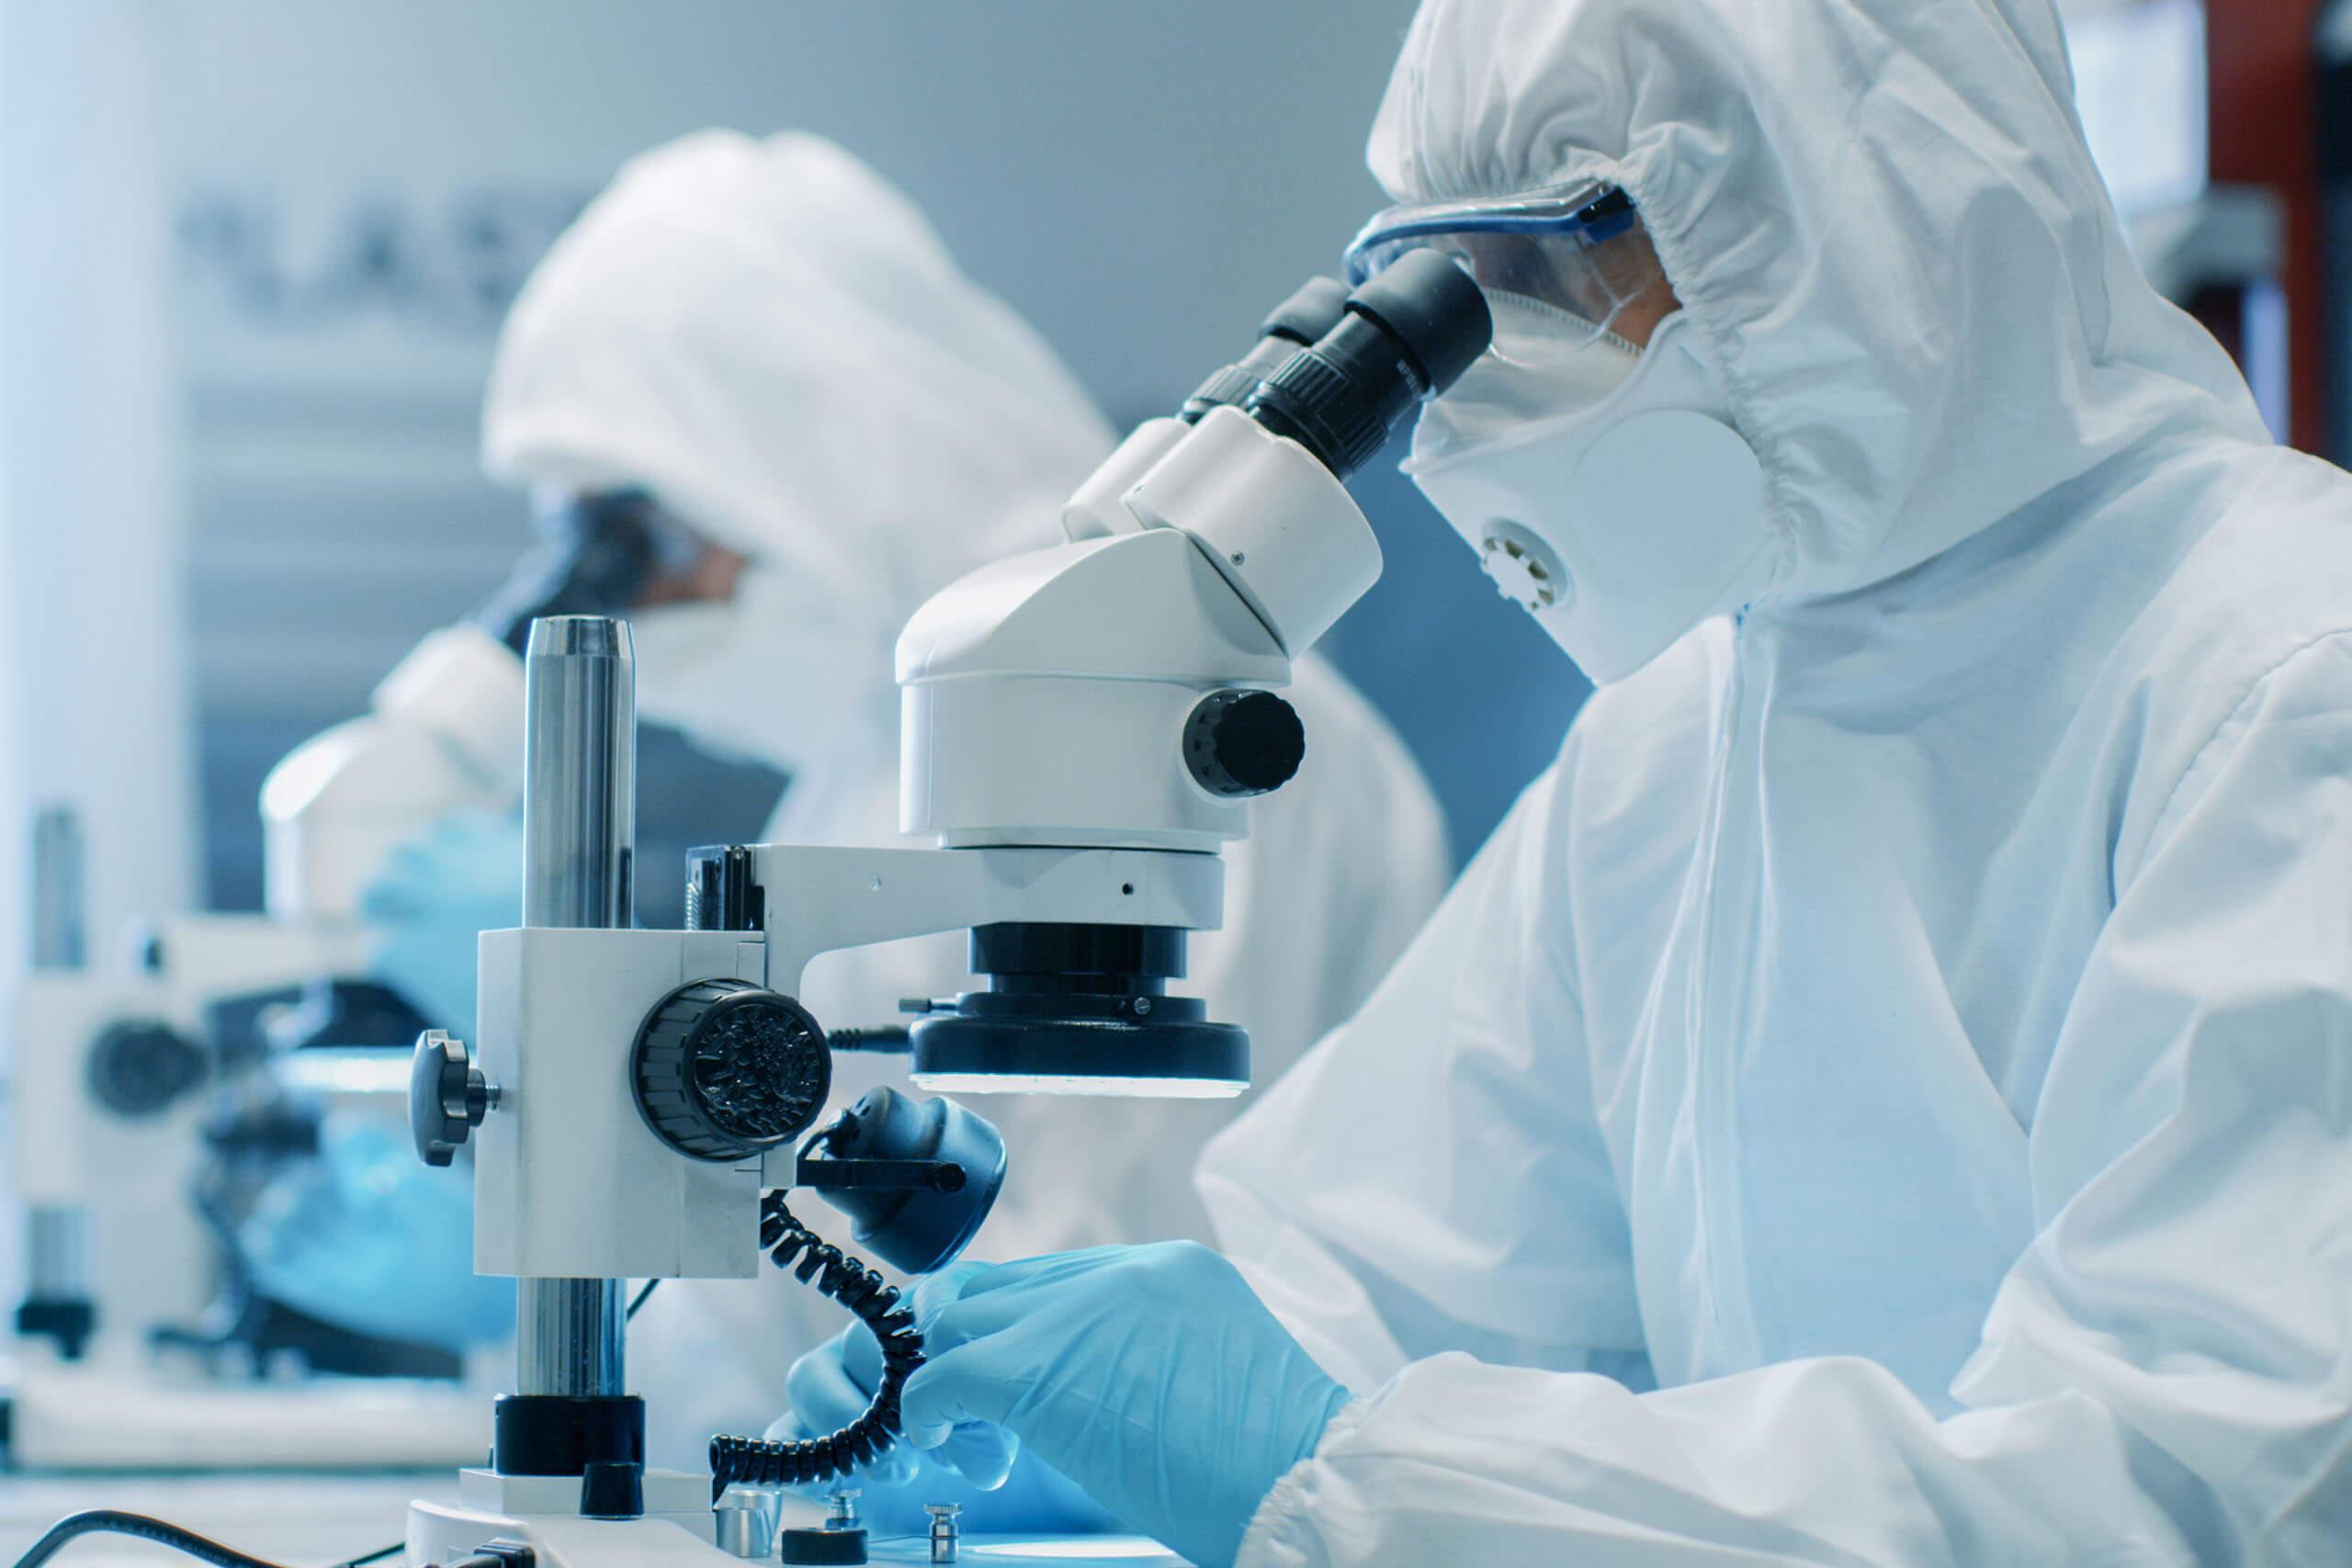 Ученые установили изменение симптомов коронавируса за год